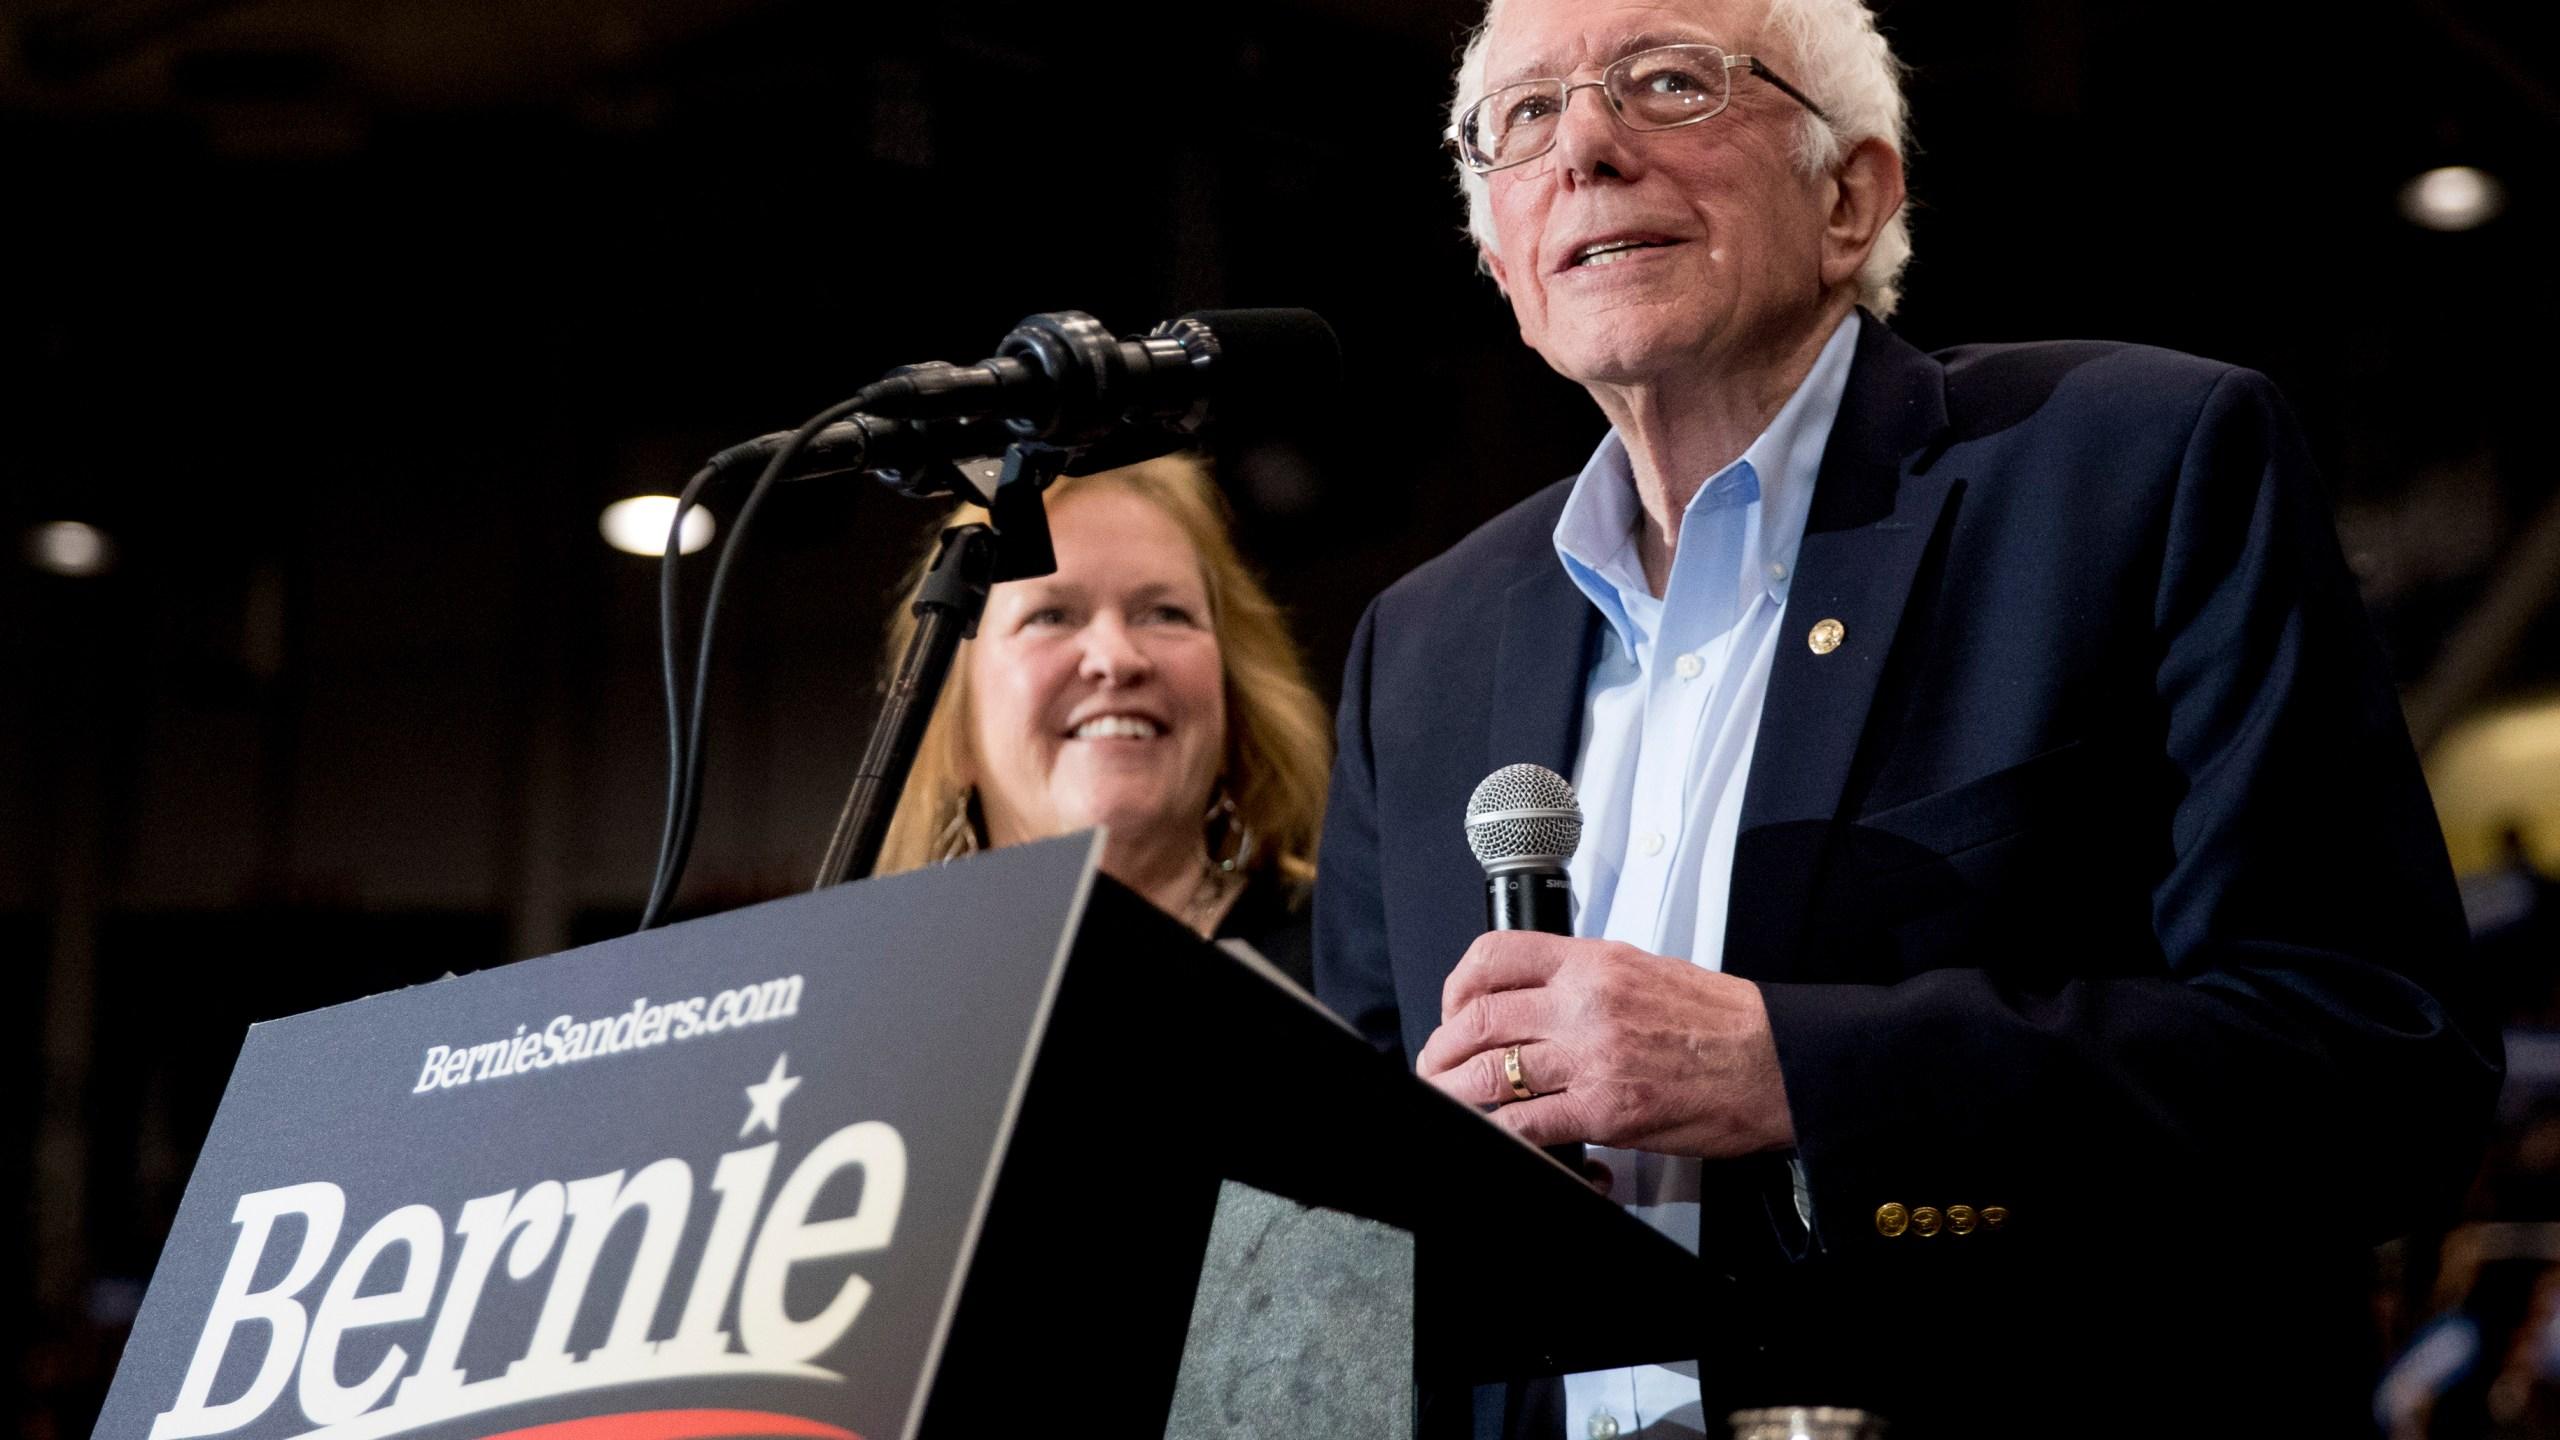 Bernie Sanders, Jane Sanders